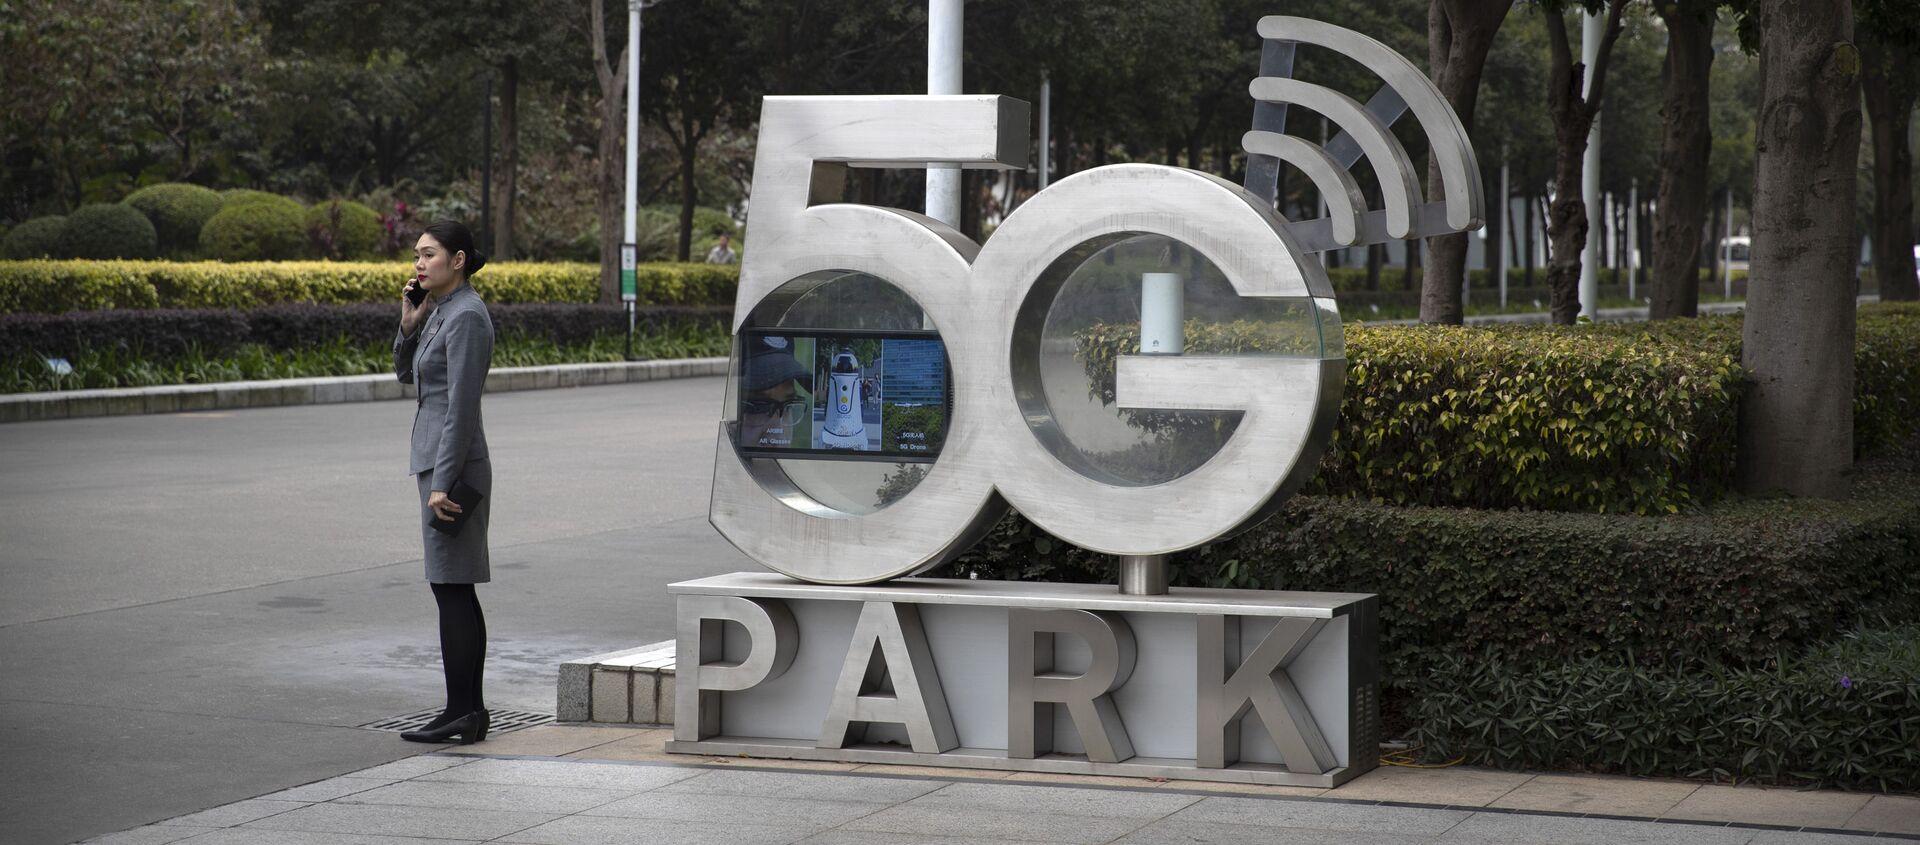 Una empleada de Huawei habla por teléfono cerca de un monumento a la tecnología 5G - Sputnik Mundo, 1920, 06.04.2020